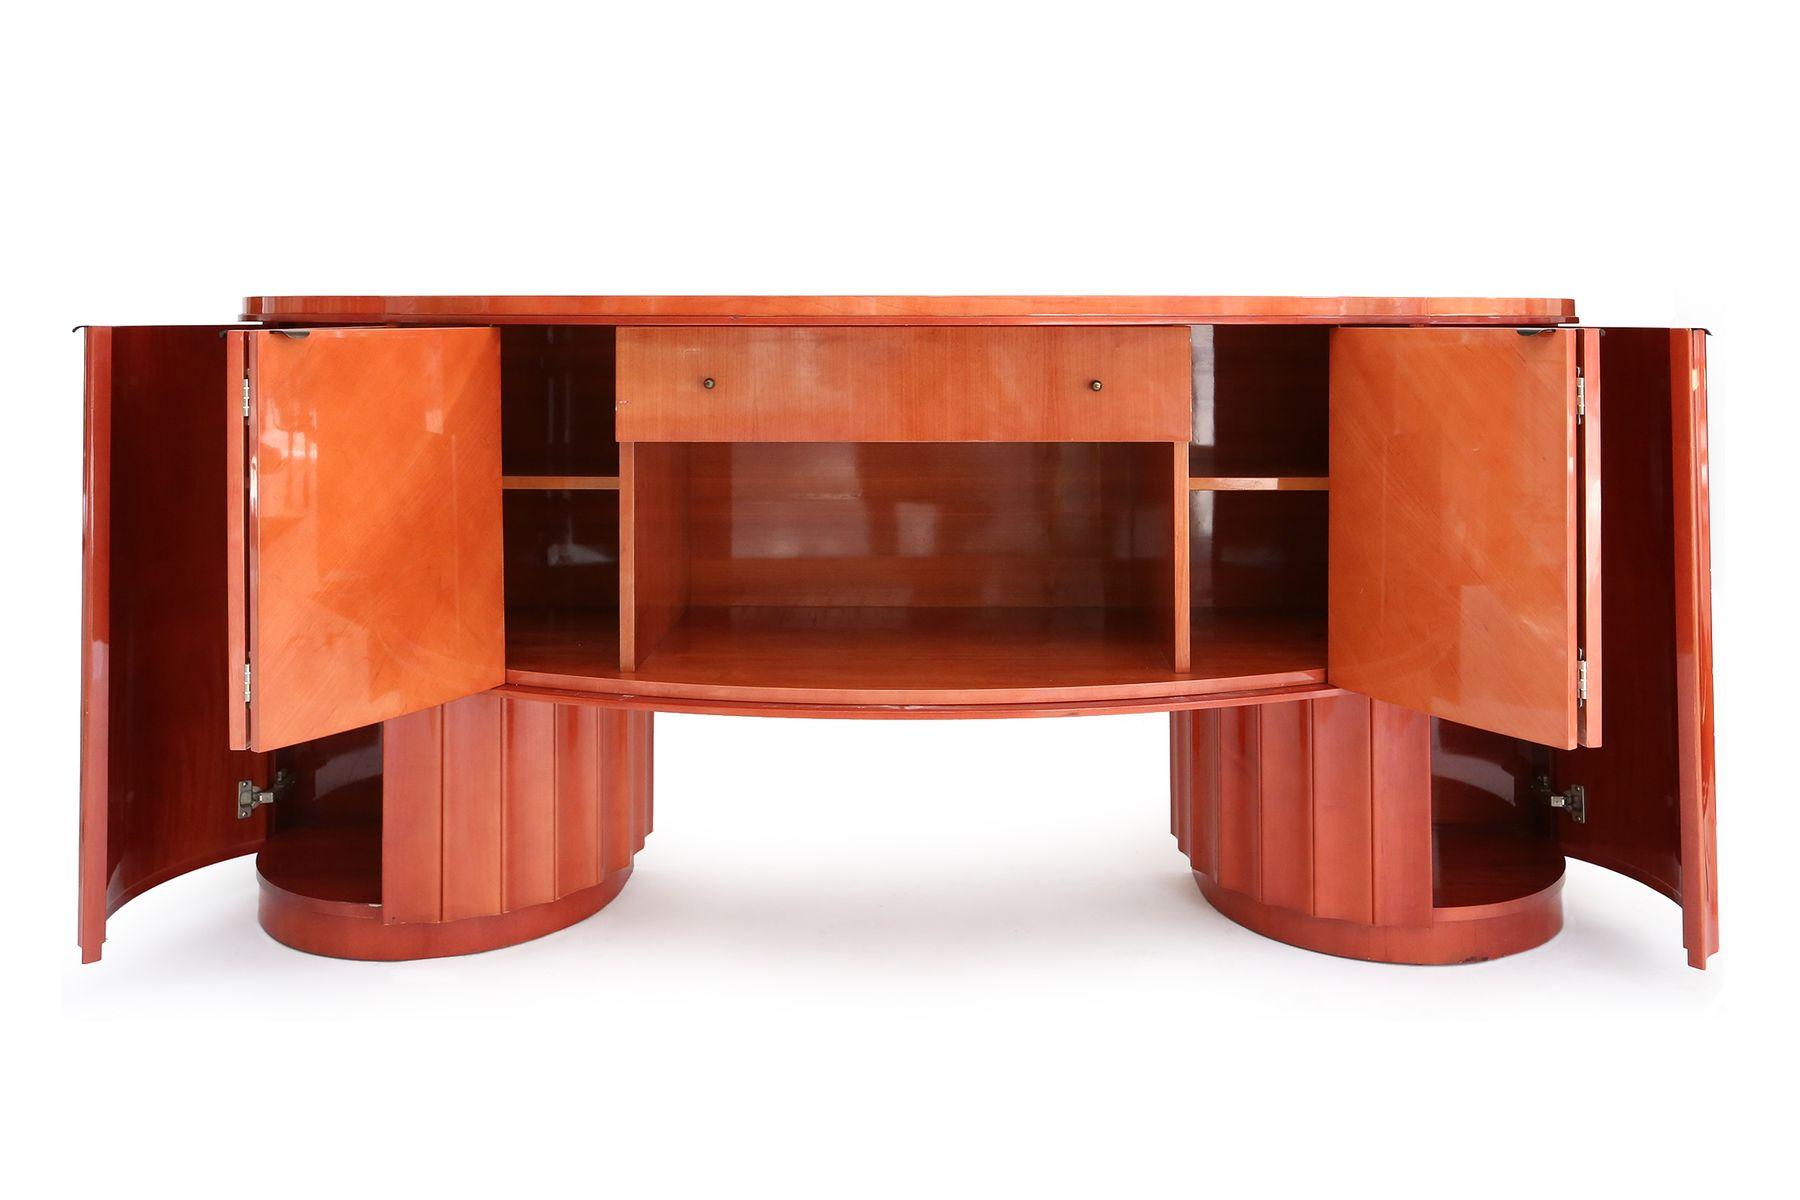 italienisches sideboard mit spiegel 1980er bei pamono kaufen. Black Bedroom Furniture Sets. Home Design Ideas